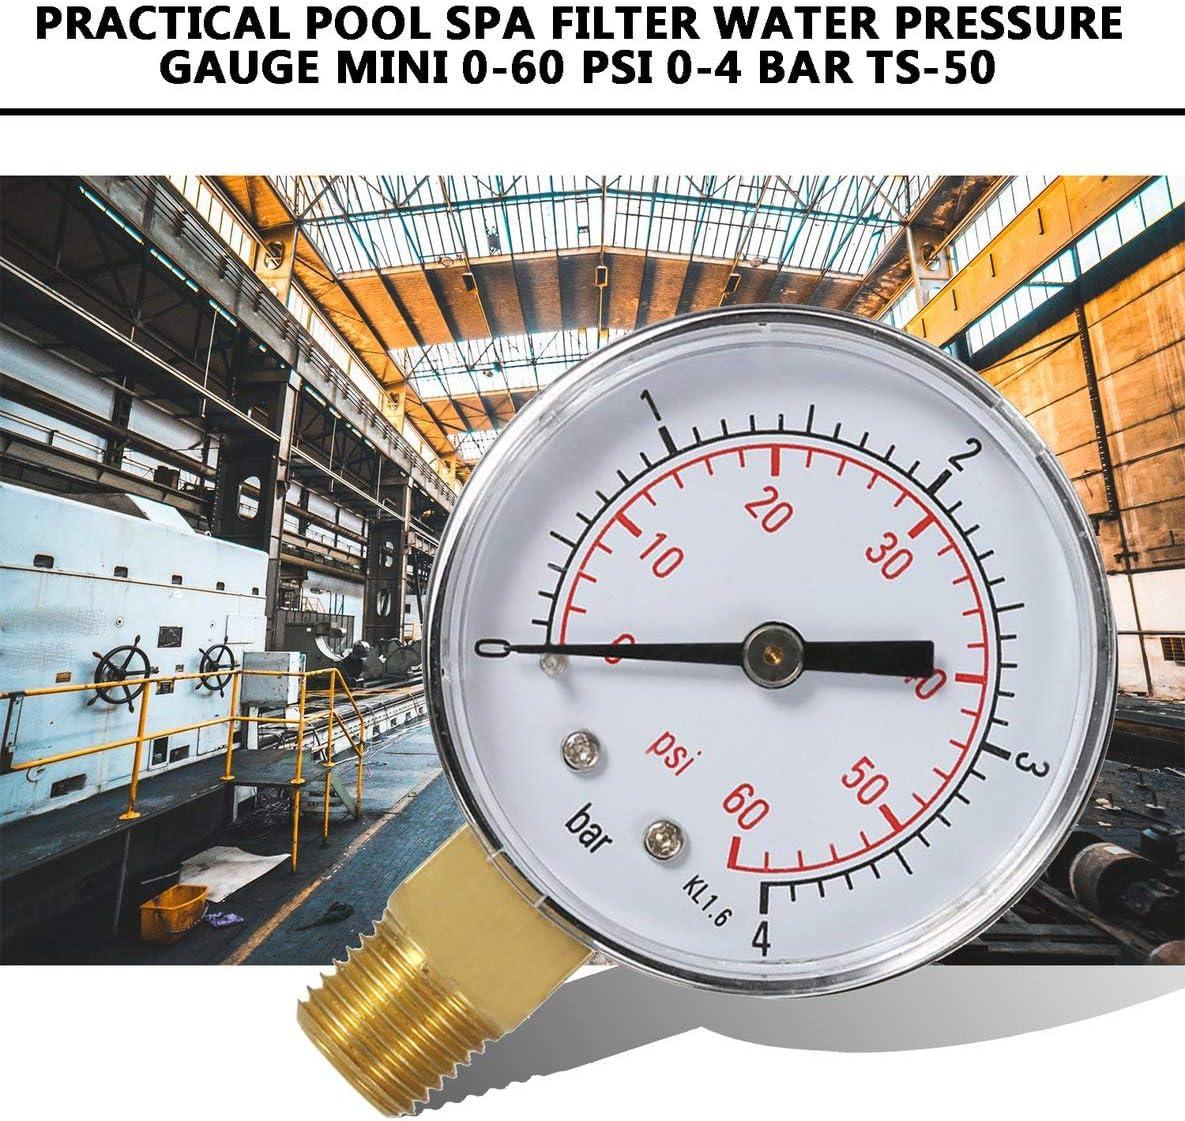 Práctico Piscina SPA Filtro Manómetro de Agua Mini 0-60 PSI 0-4 Bar Montaje Lateral Rosca de tubería de 1/4 Pulgada NPT TS-50(Negro)